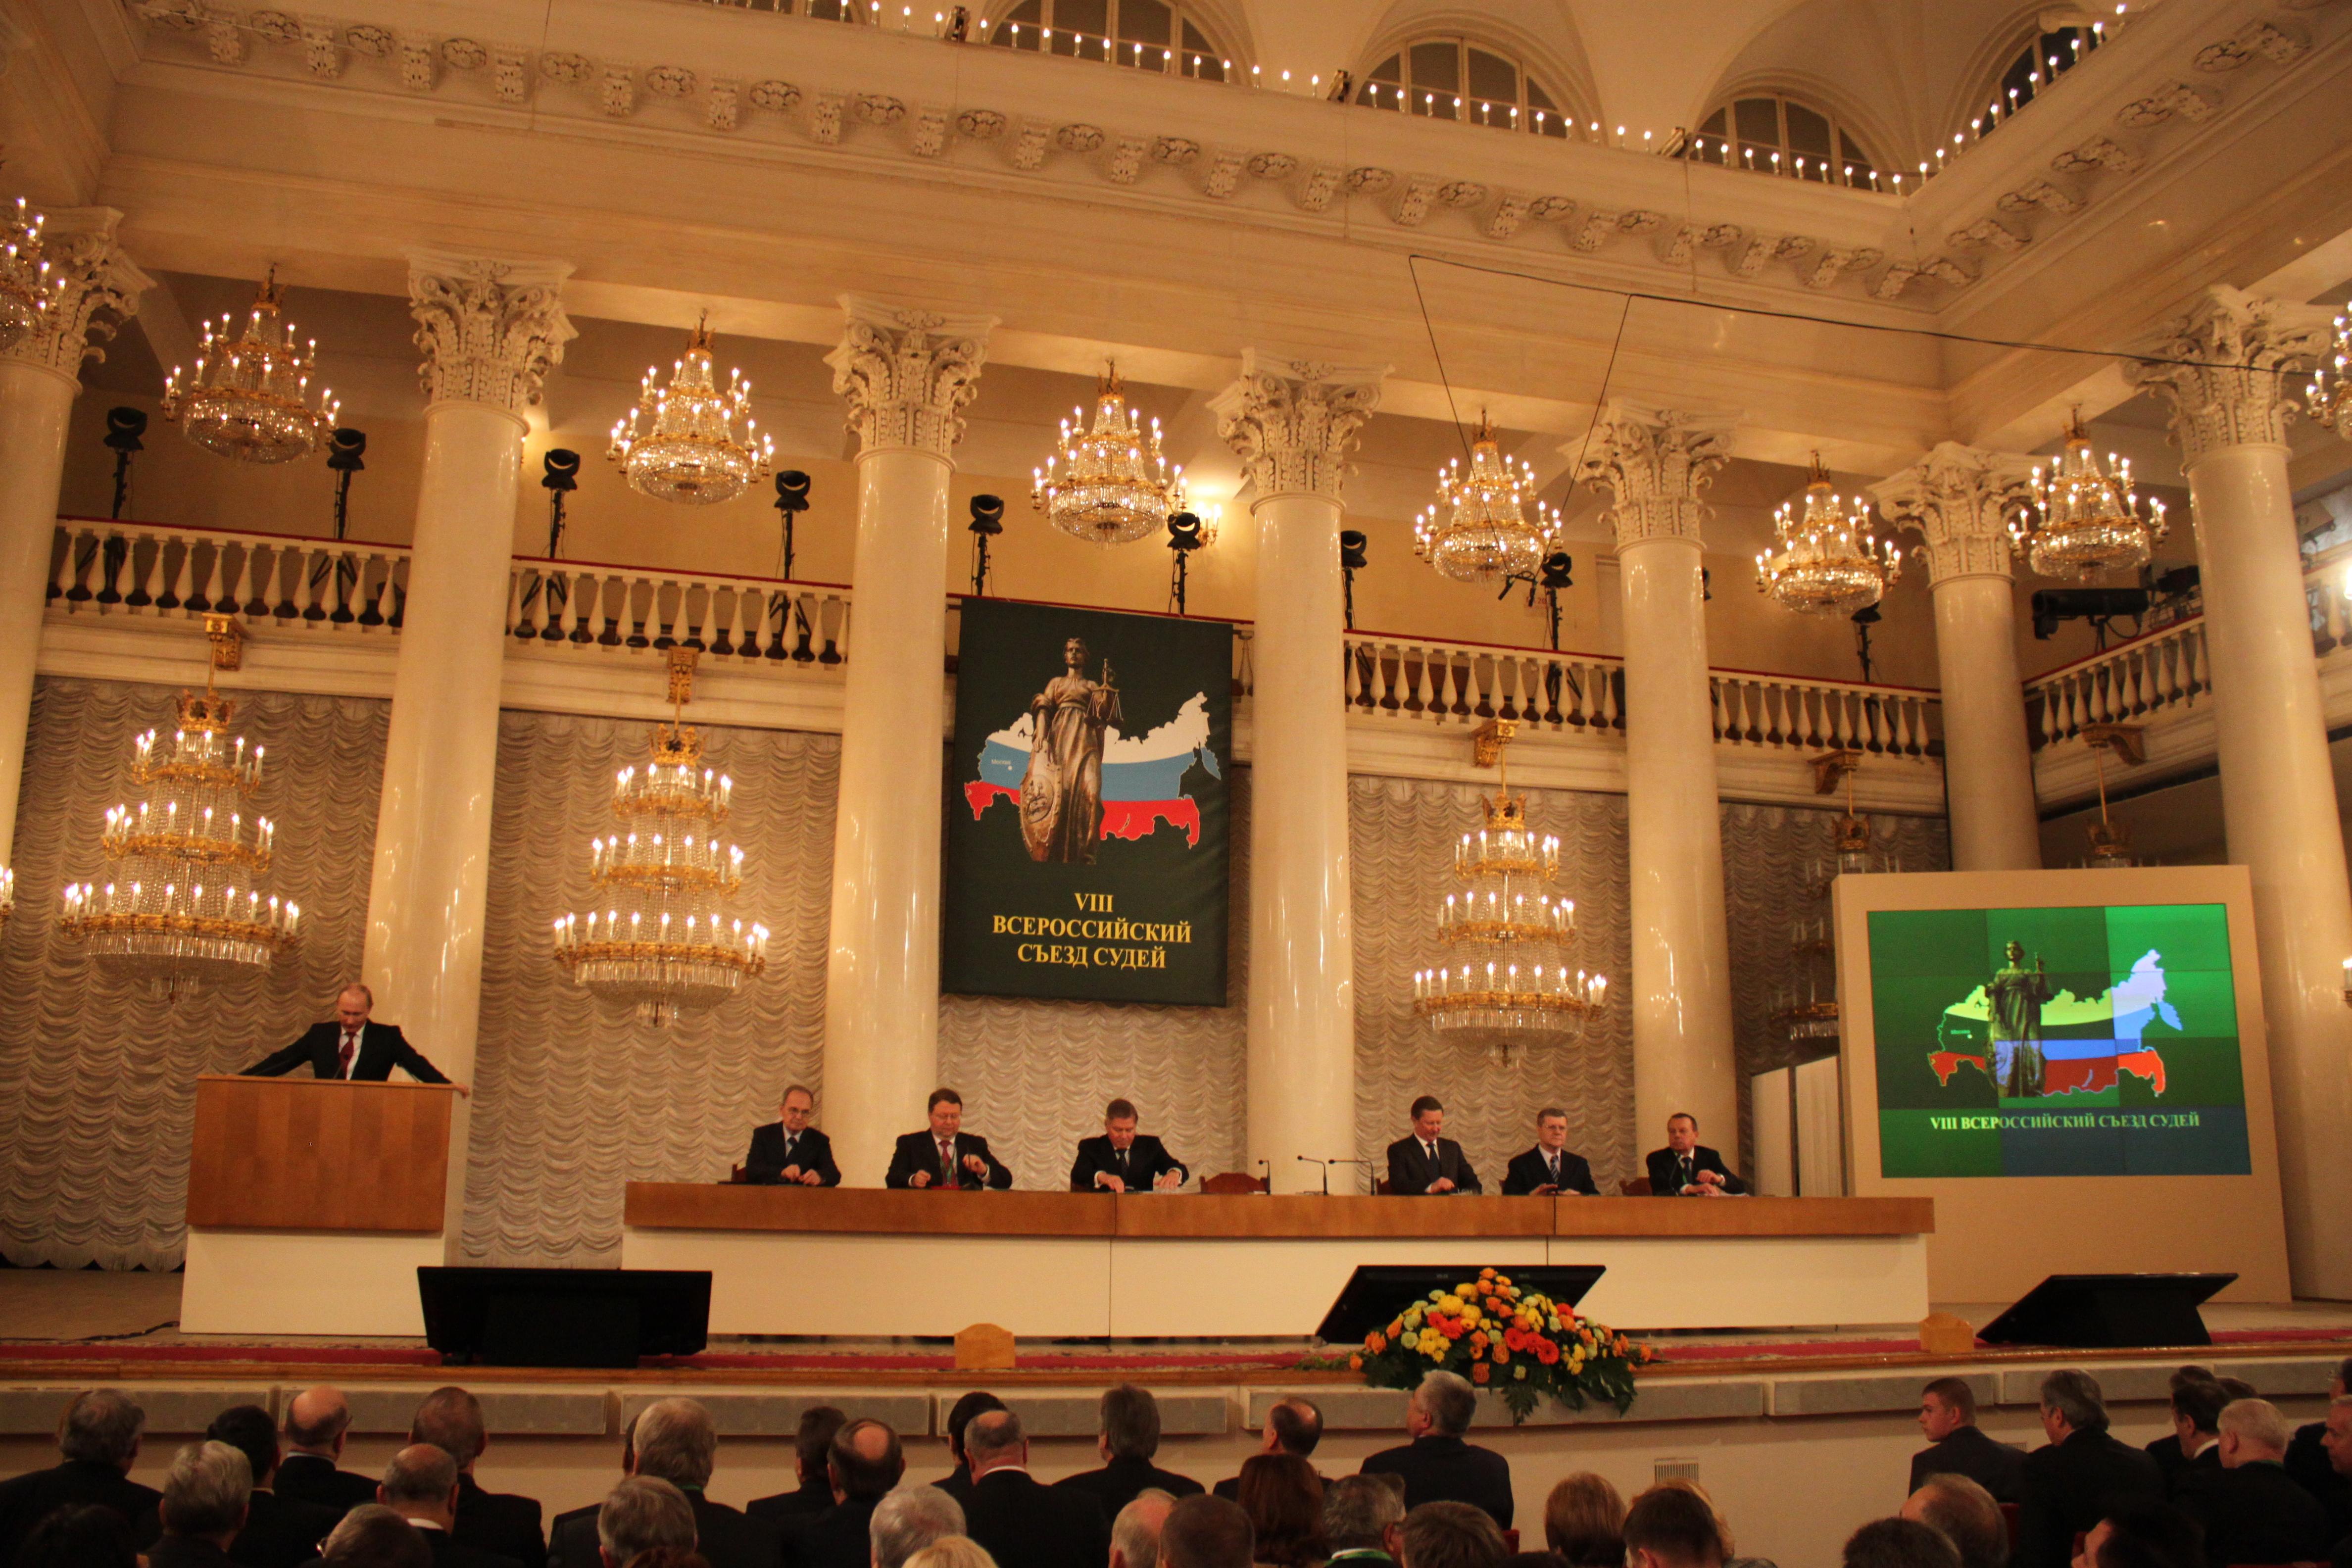 VIII Всероссийский съезд судей